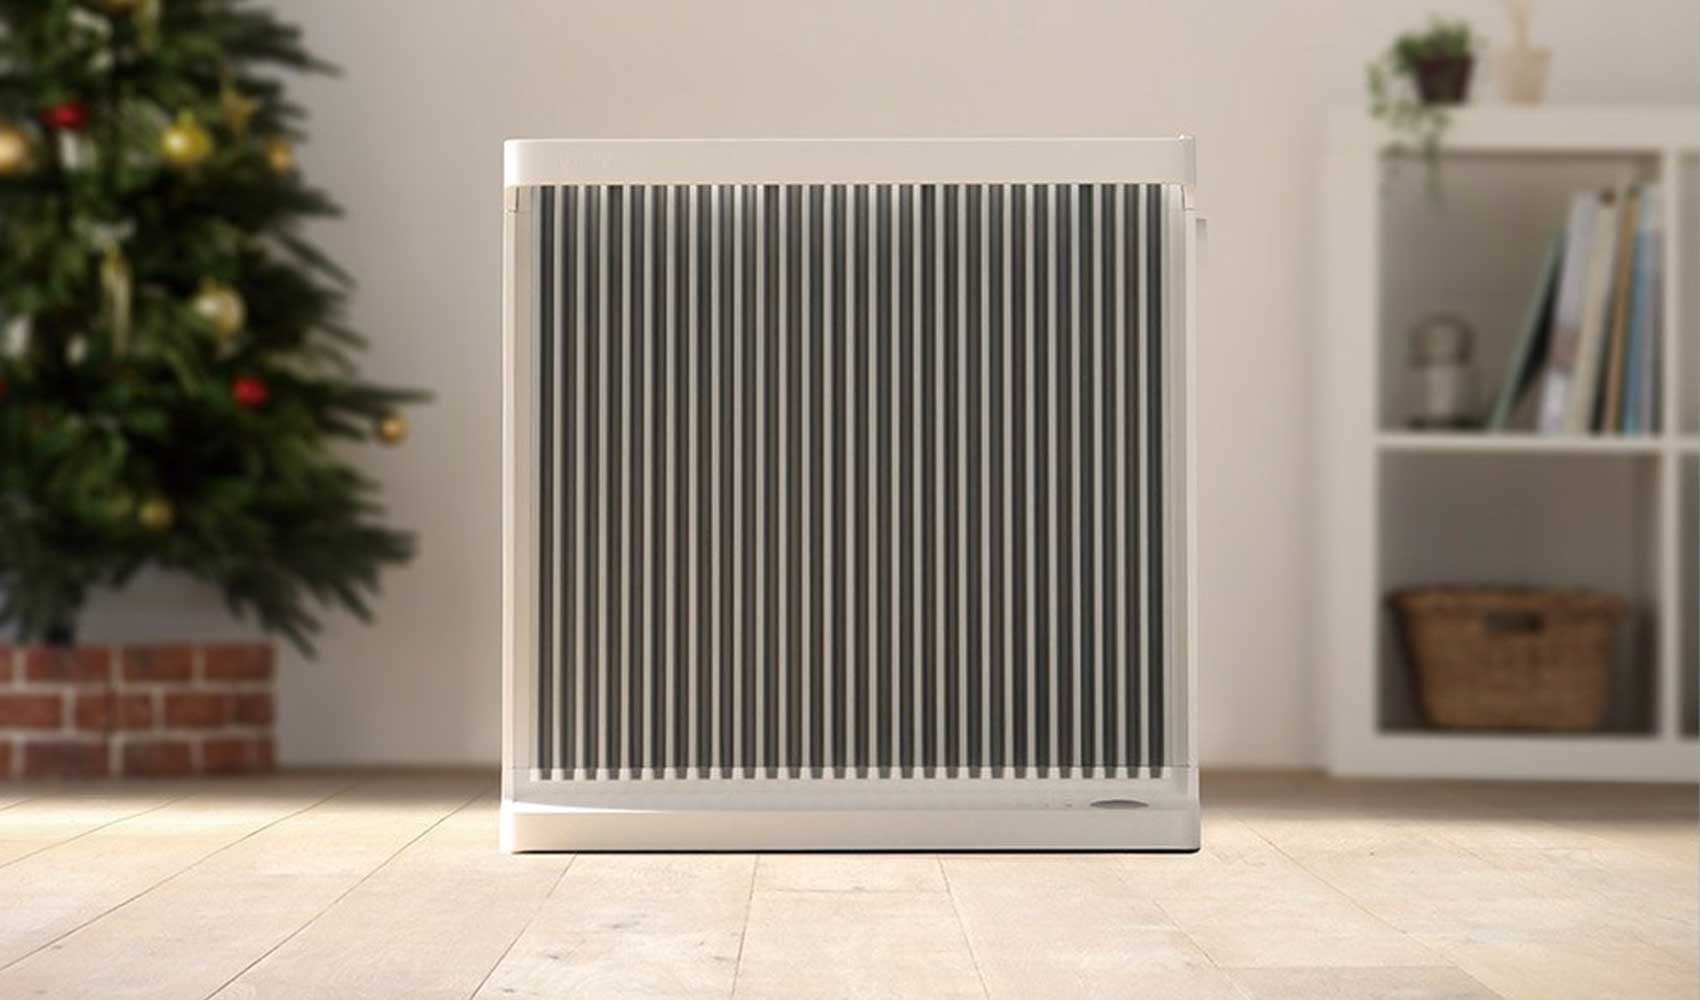 オシャレな暖房器具オススメ10選!オイルヒーターやパネルヒーターのオススメをご紹介!